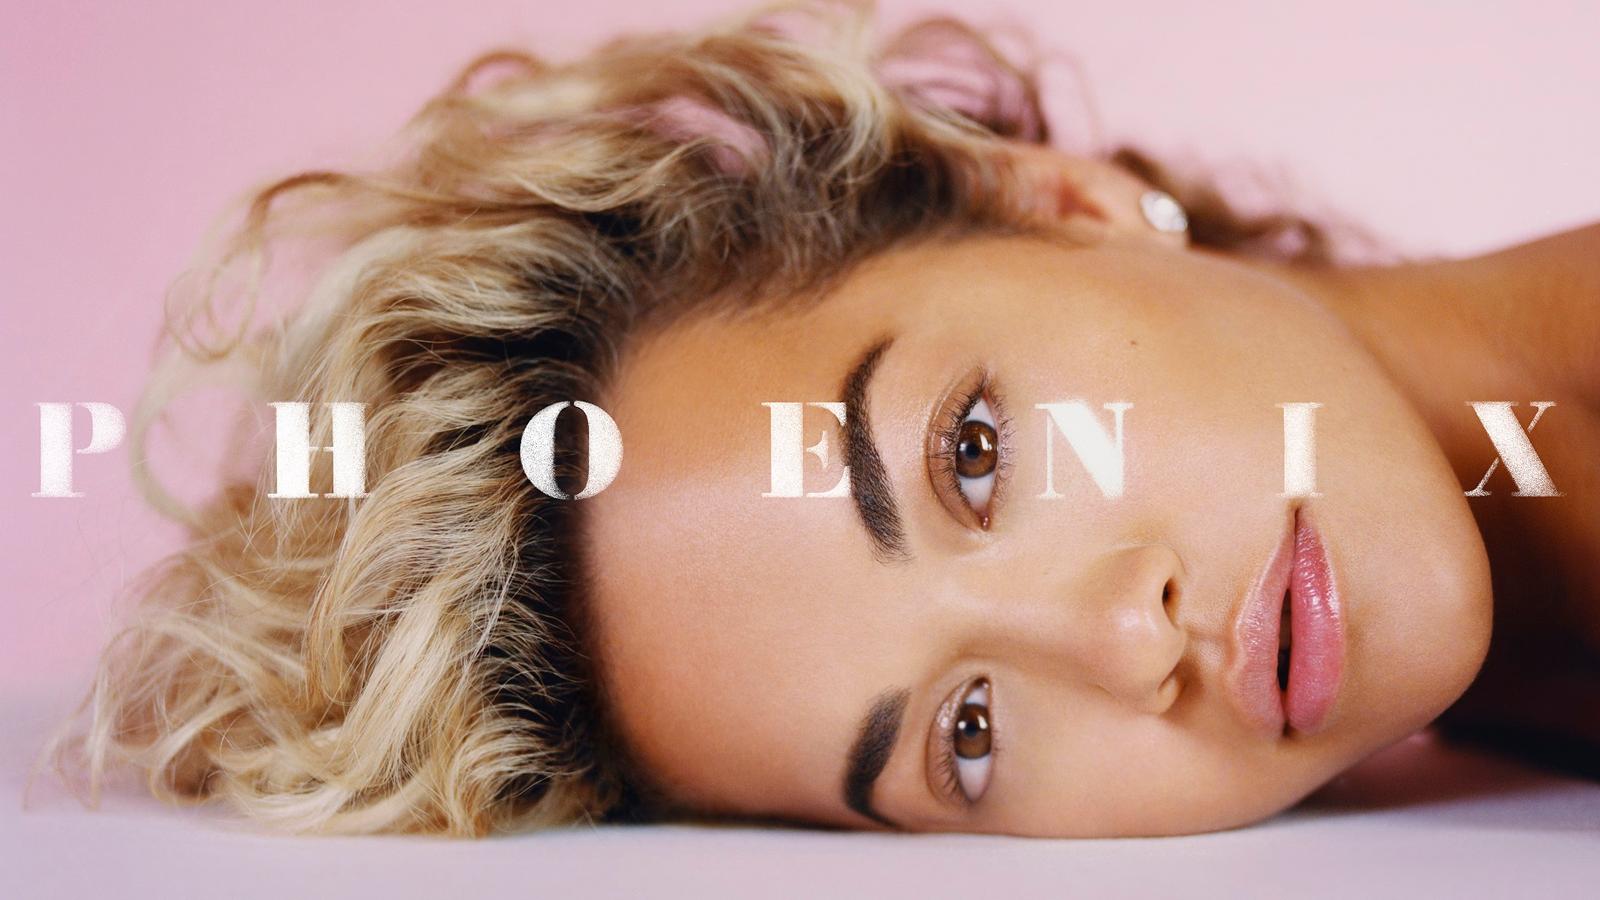 """Rita Ora nunca decepciona. Ok, ok, talvez """"Girls"""" não tenha sido das melhores escolhas para single, mas a gente não precisa realmente falar sobre isso, não é mesmo? Queremos dizer, ao menos foi uma boa parceria, não foi? Então, enfim, você já pode seguir com a leitura do post."""